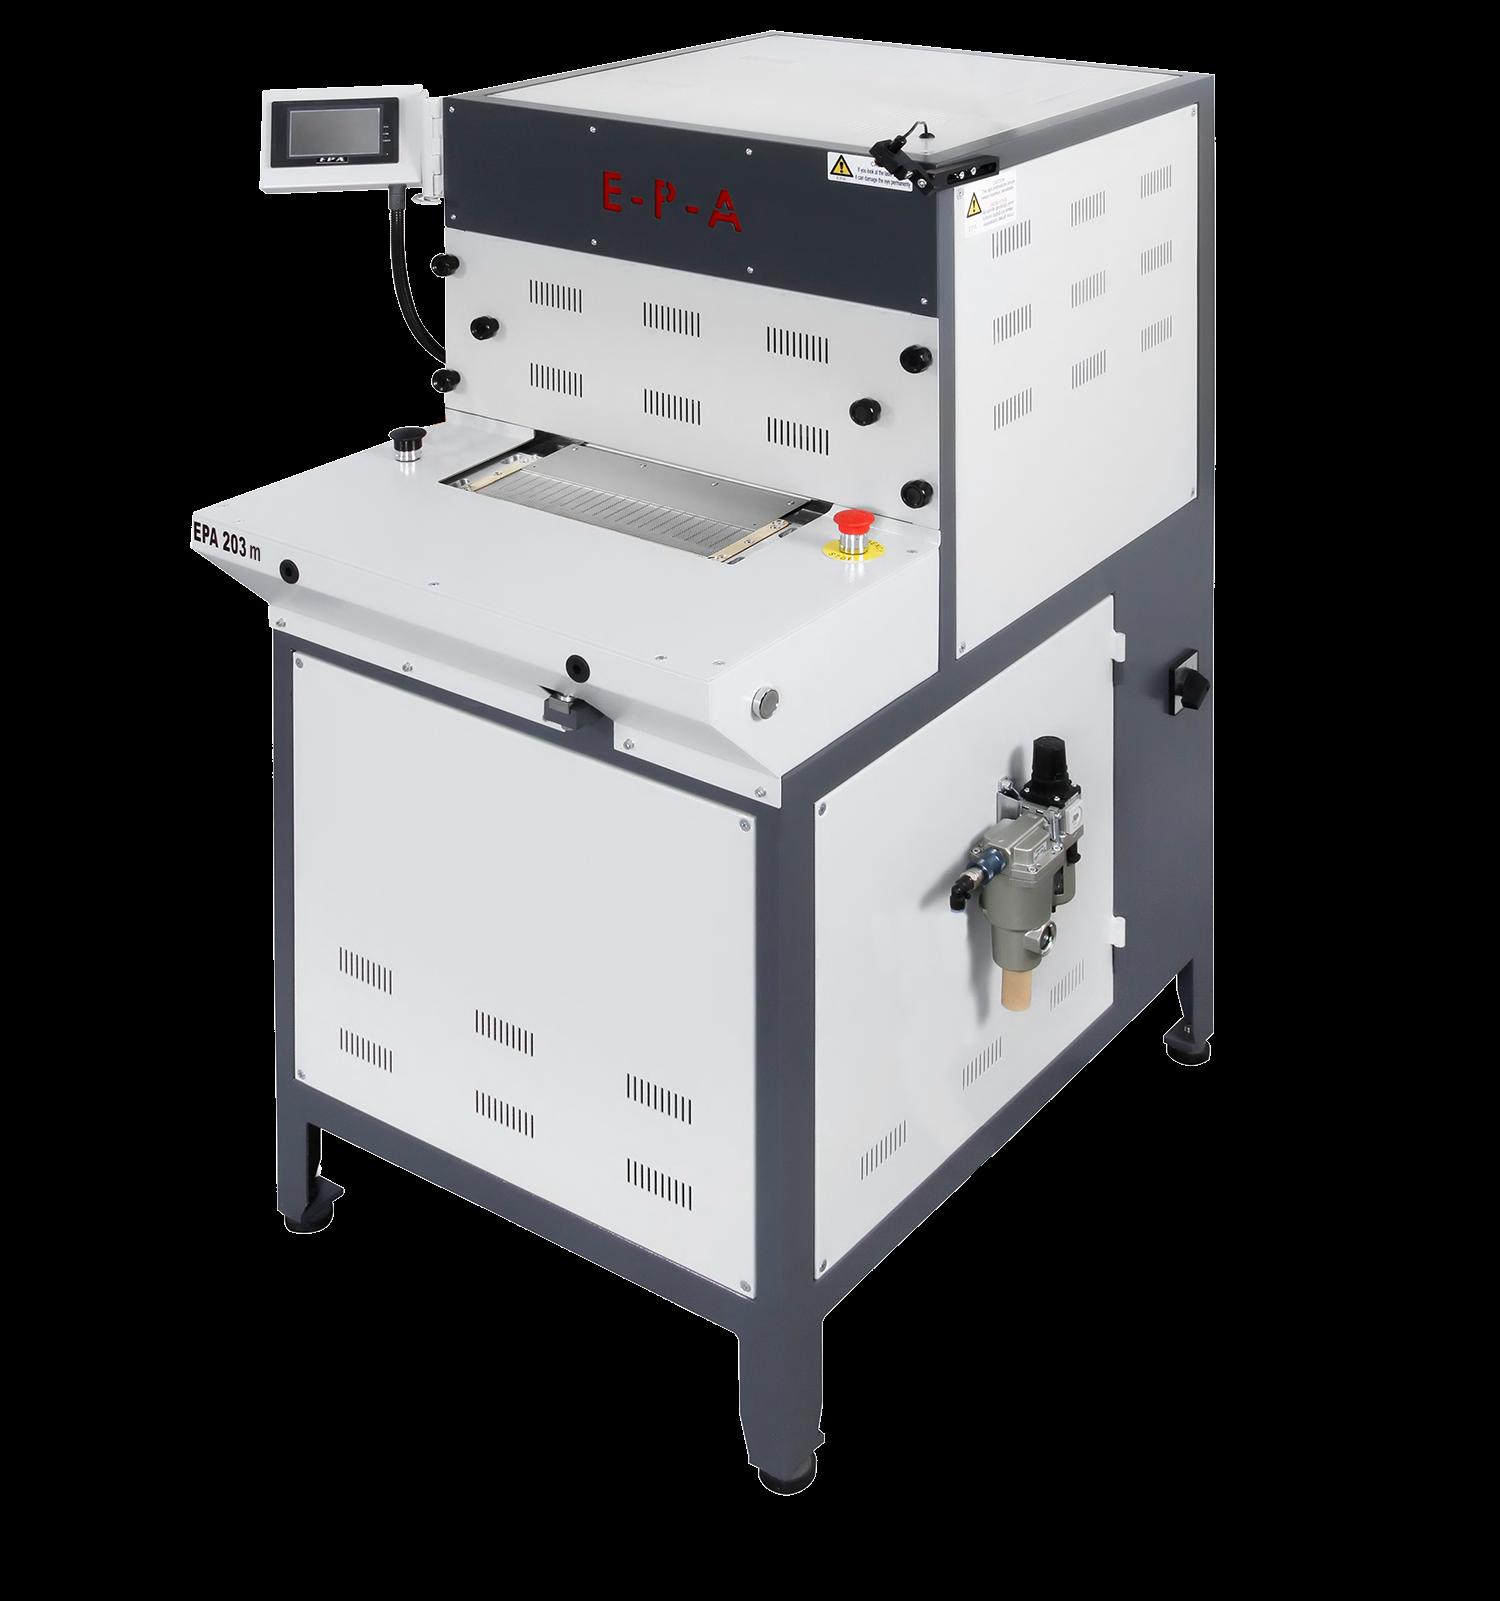 EPA 203M Cuff forming machine